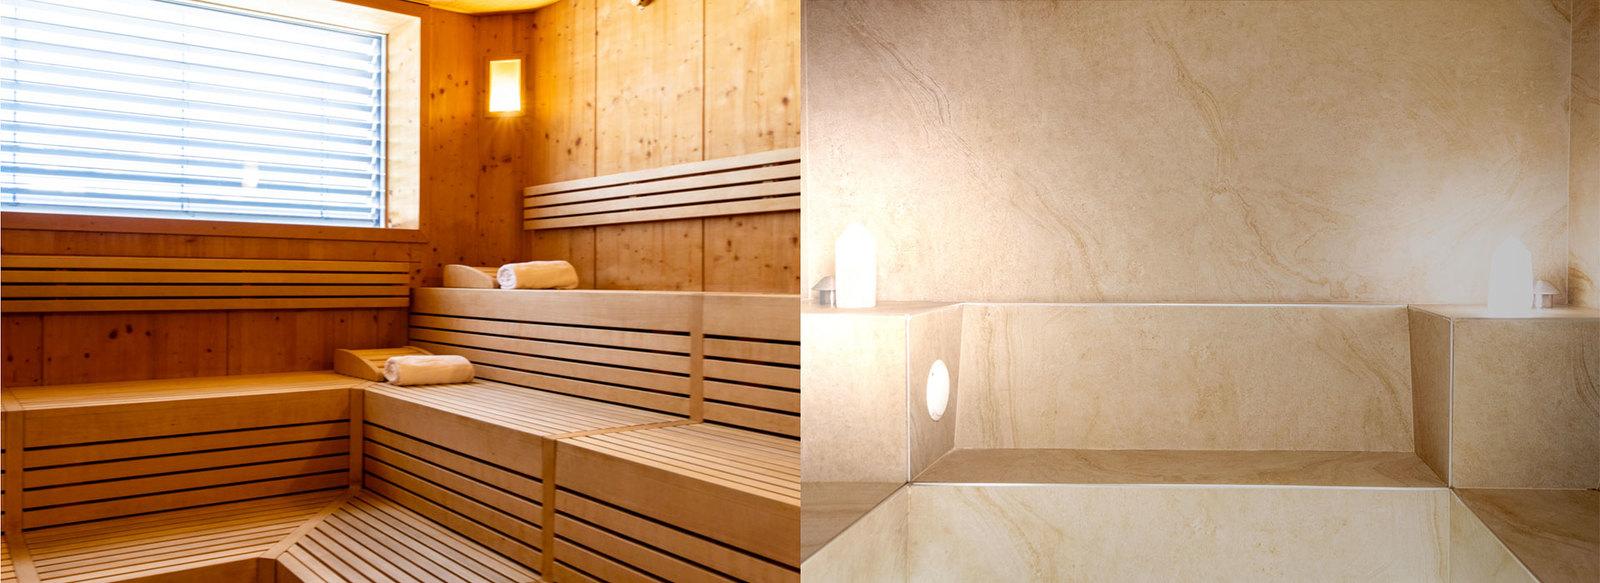 City Hotel 4* dal design contemporaneo